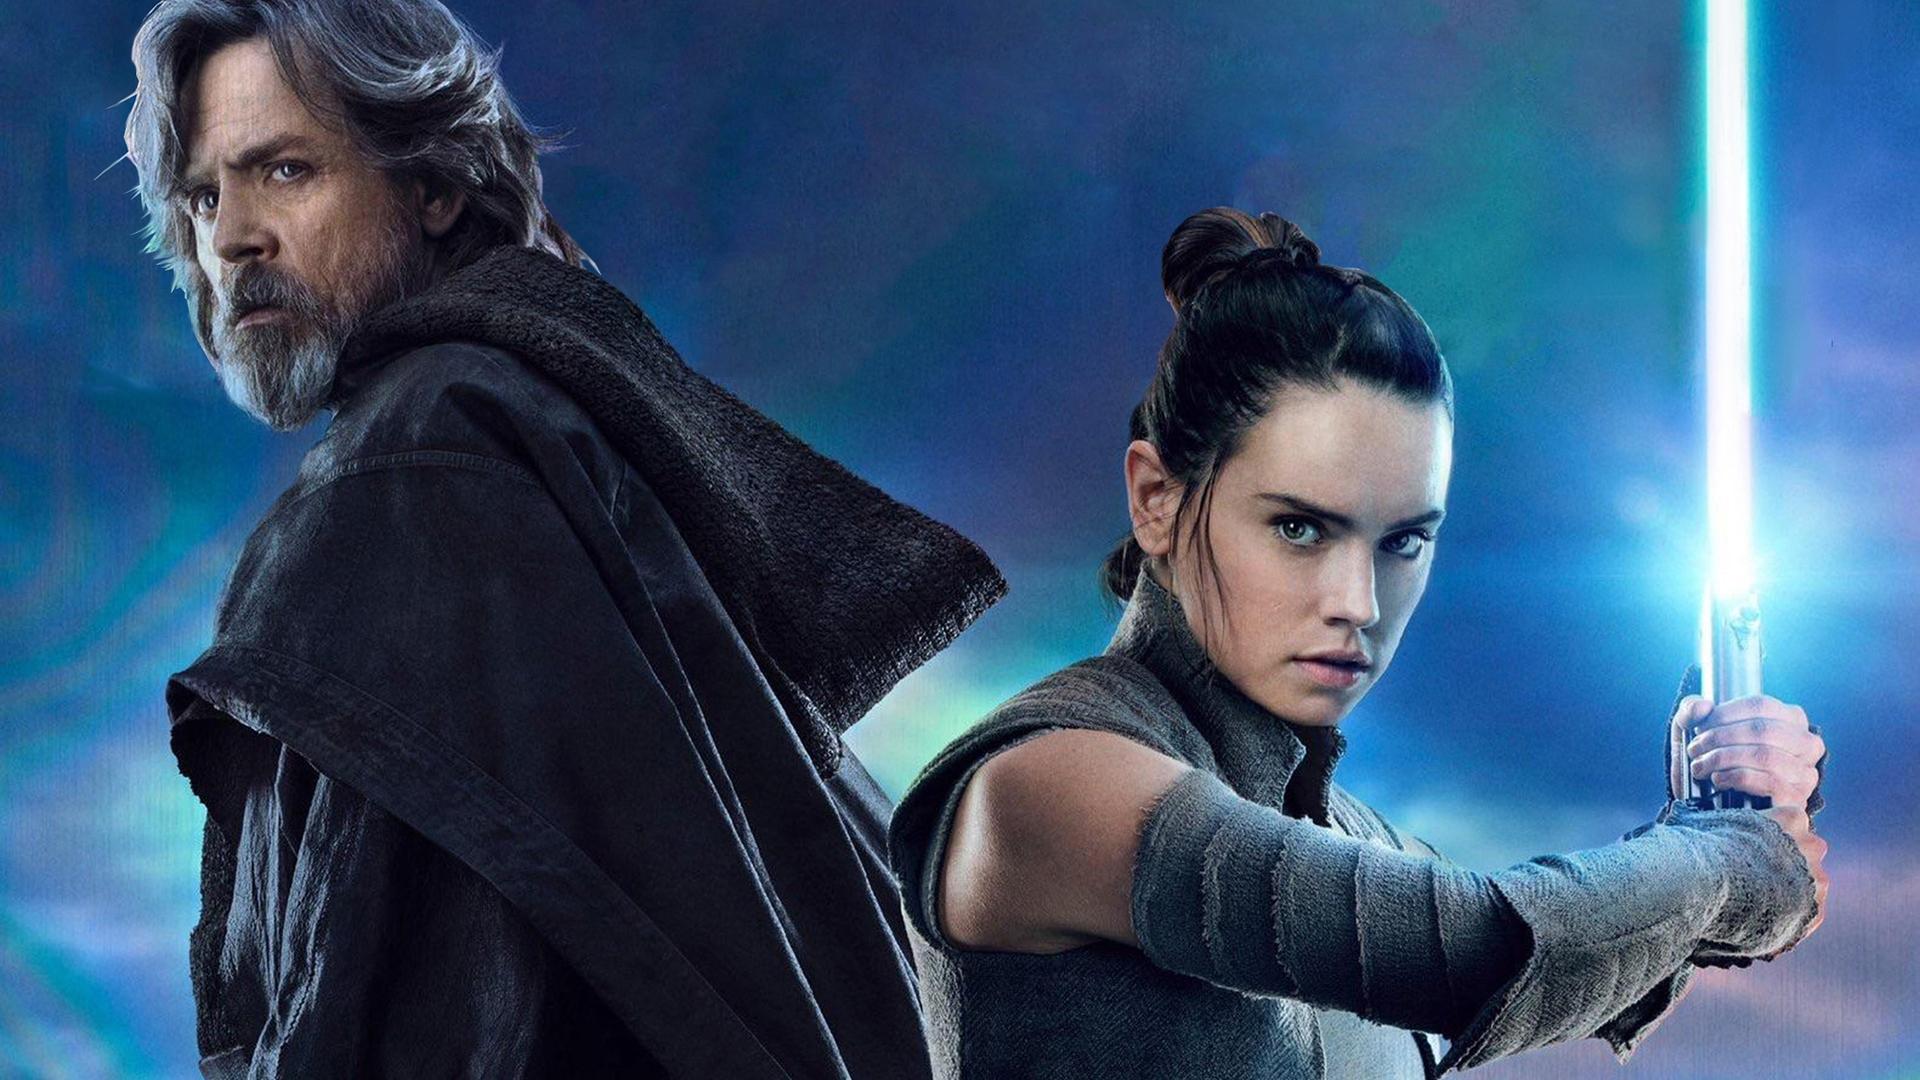 Free Download Hd Luke Skywalker And Rey Star Wars The Last Jedi